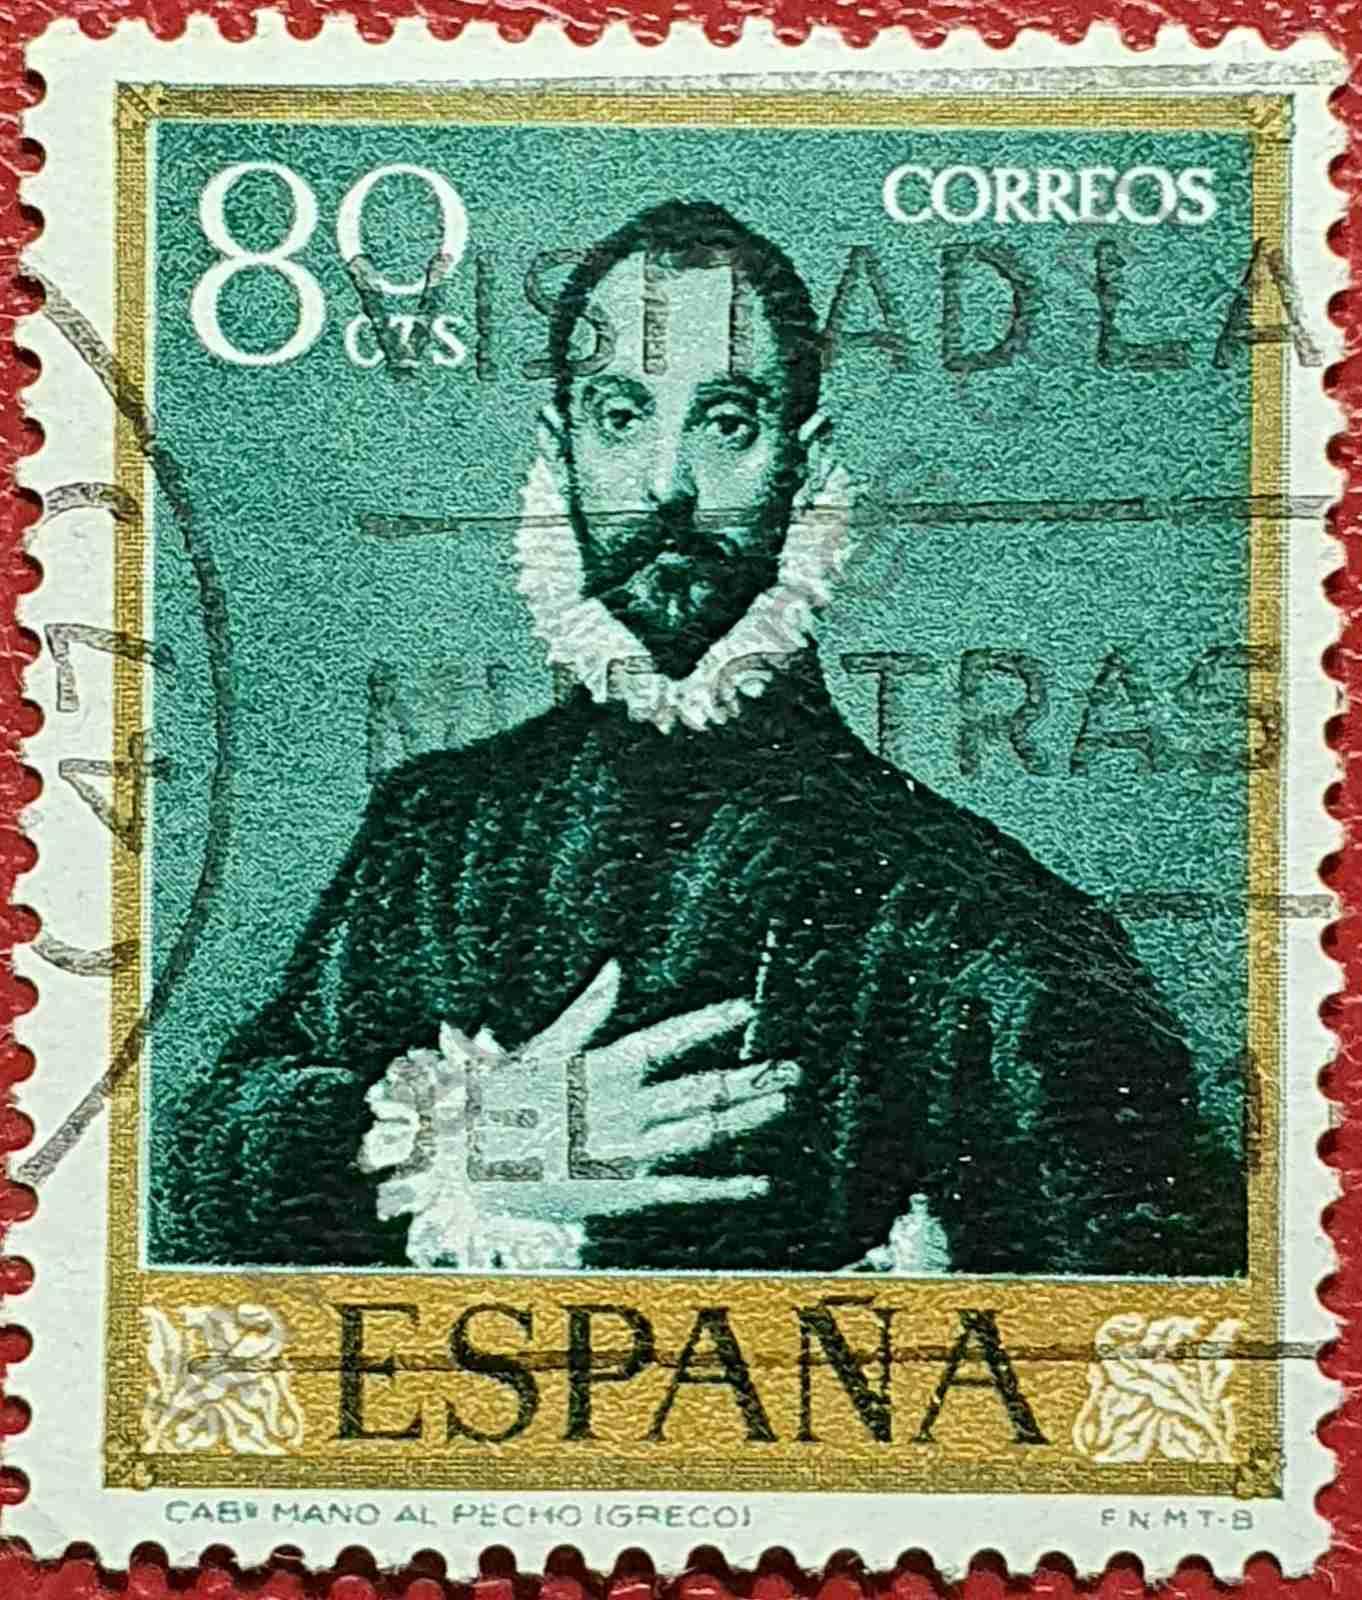 Pintura - El Caballero de la mano en el pecho - Sello España 1961